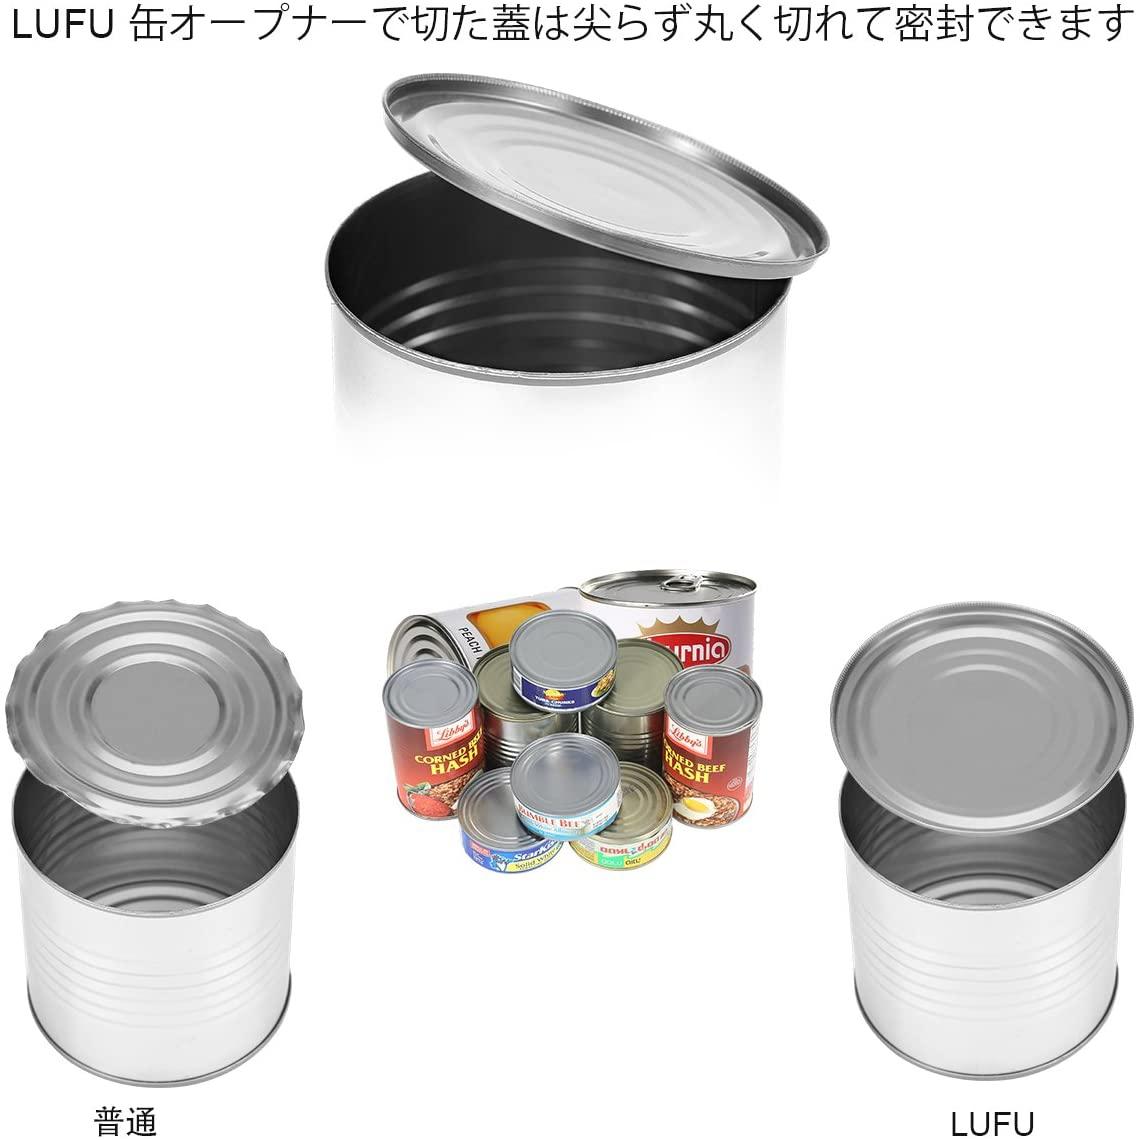 LUFU(ルフ) 缶切りの商品画像6